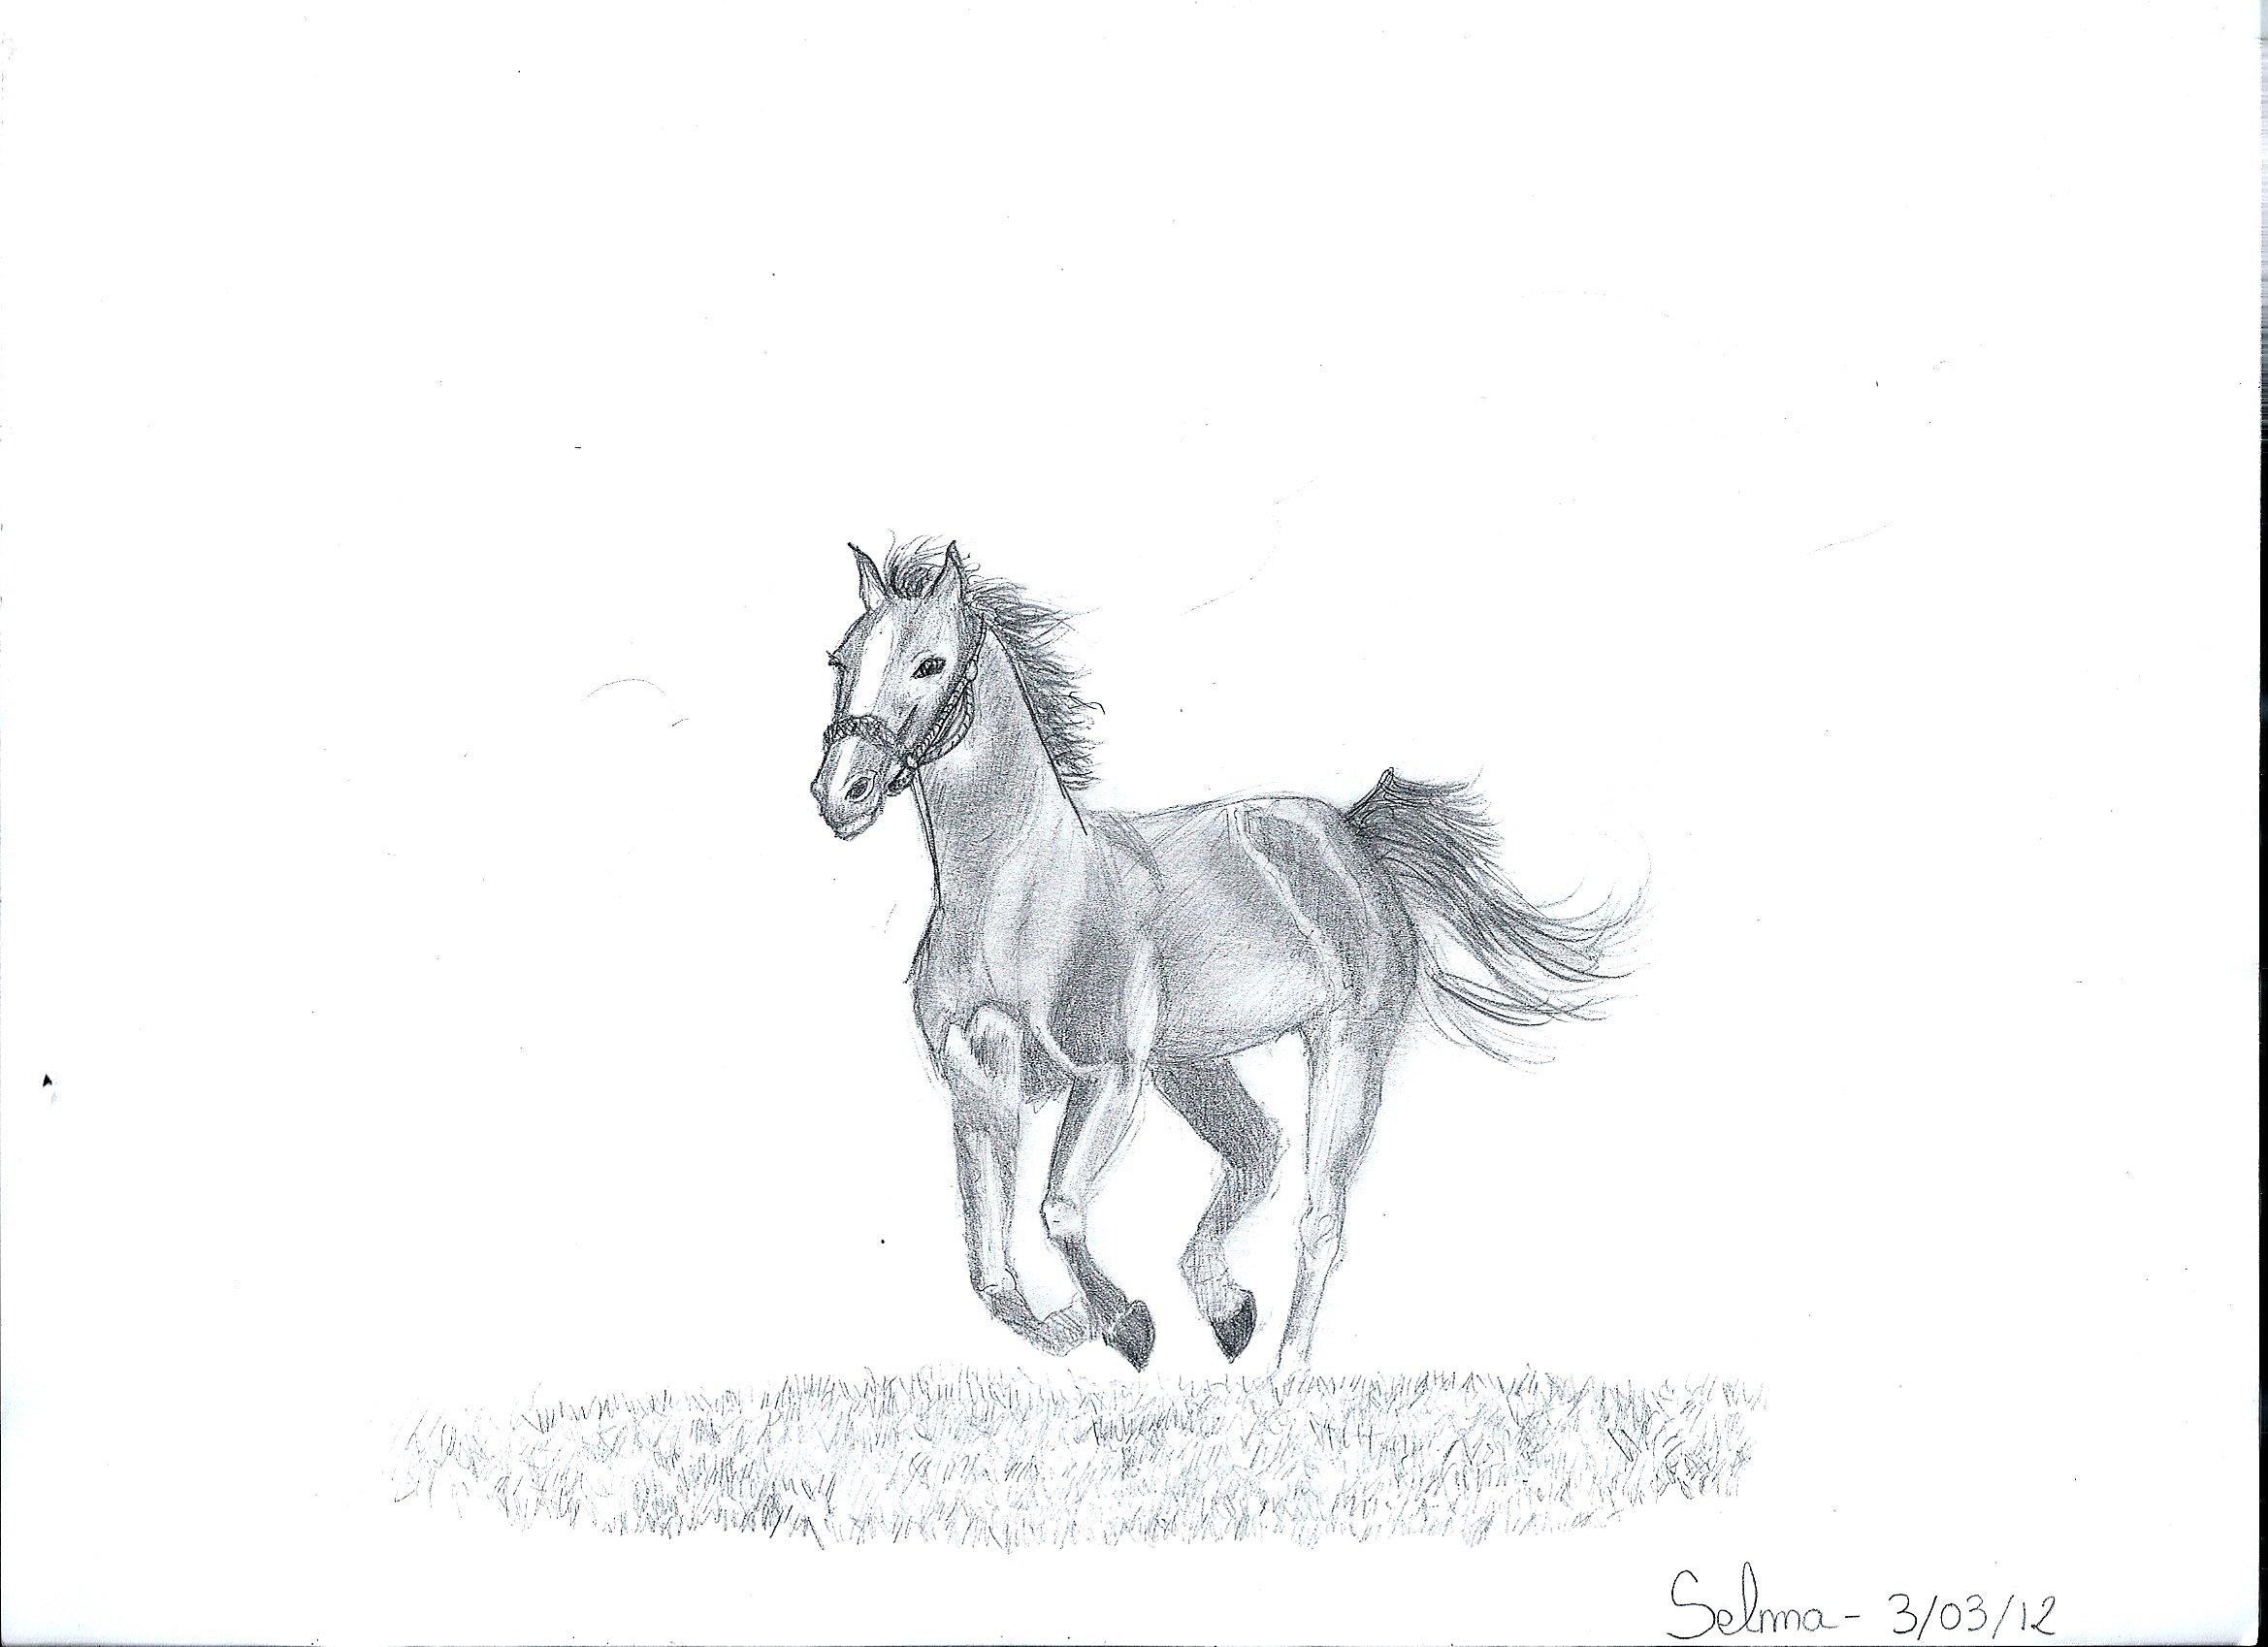 le cheval de guerre dans clara cornlia dessinselma0002 300x217